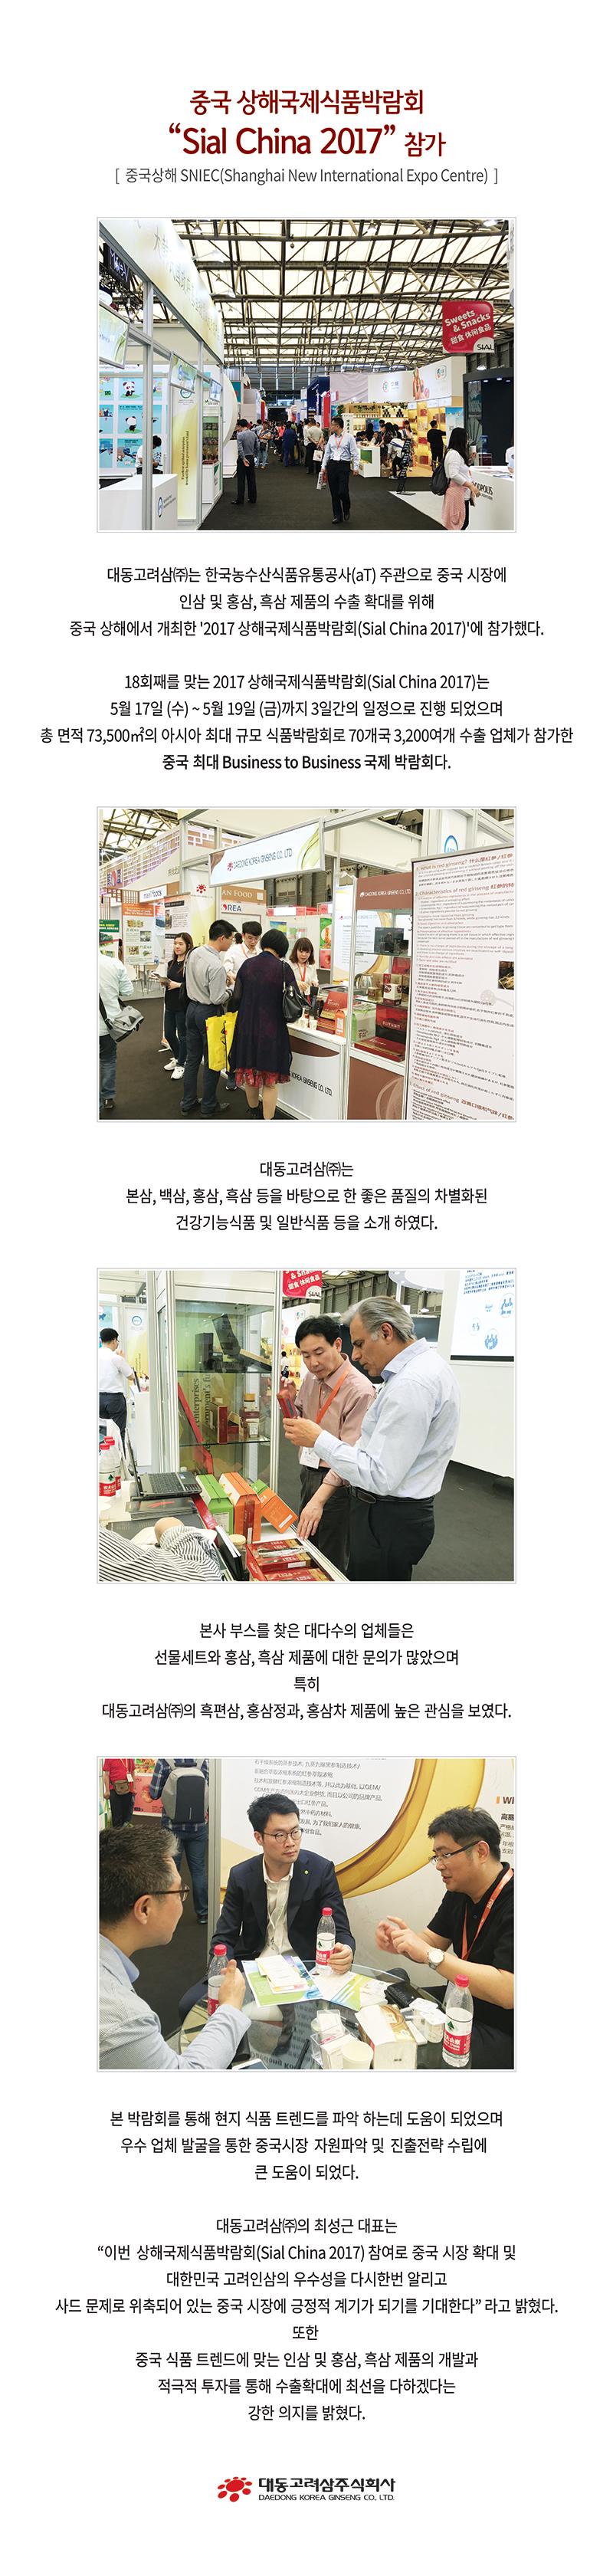 상해국제식품박람회 참여.jpg